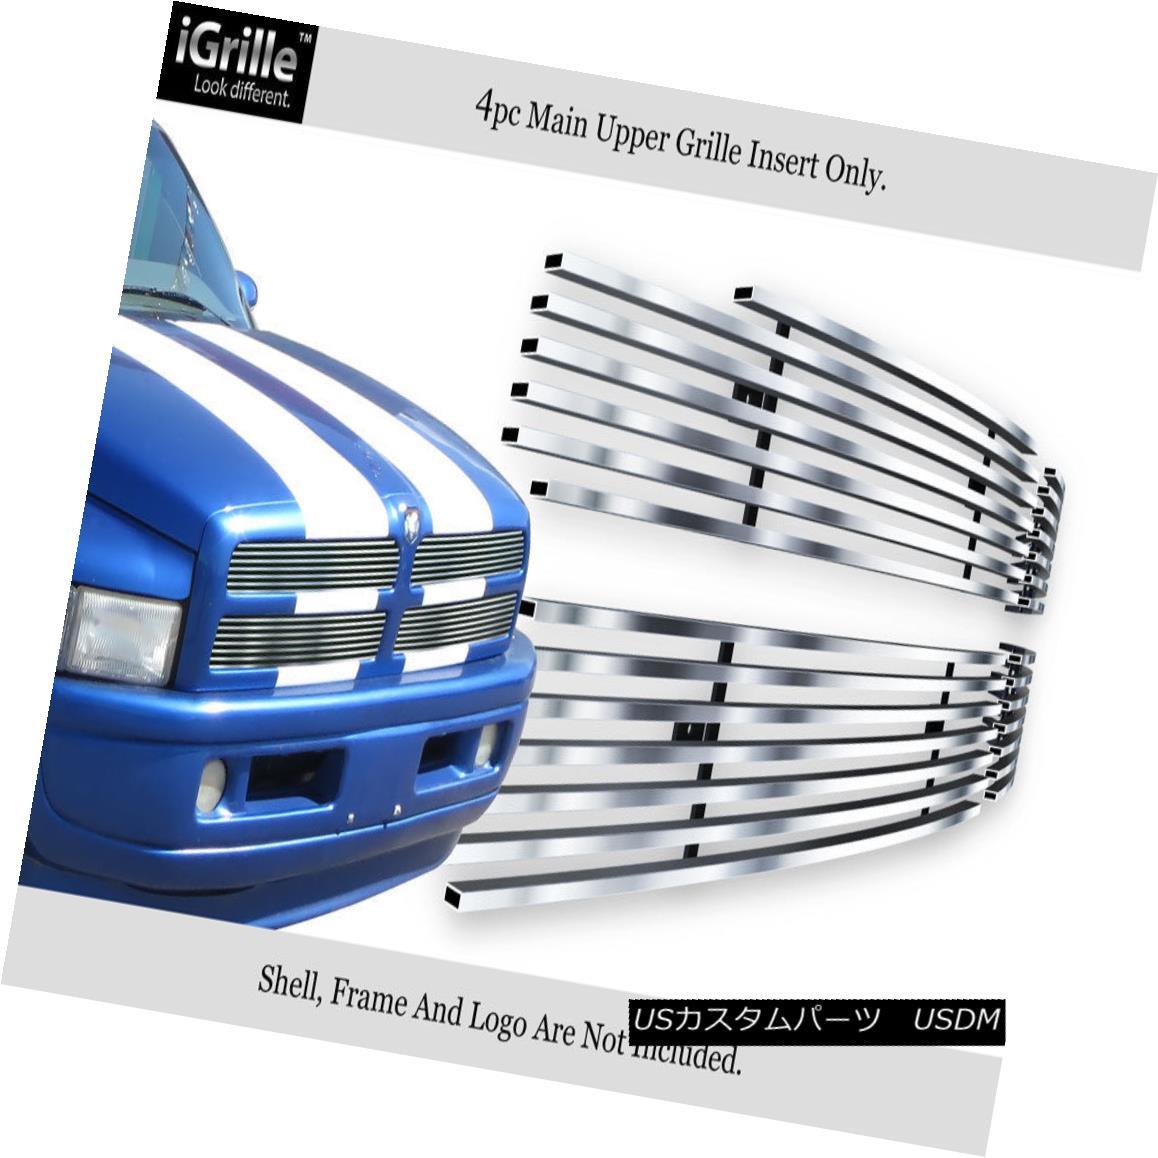 グリル Fits 1994-2001 Dodge Ram Pickup Stainless Steel Billet Grille Insert フィット1994年から2001年ダッジラムピックアップステンレス鋼ビレットグリルインサート